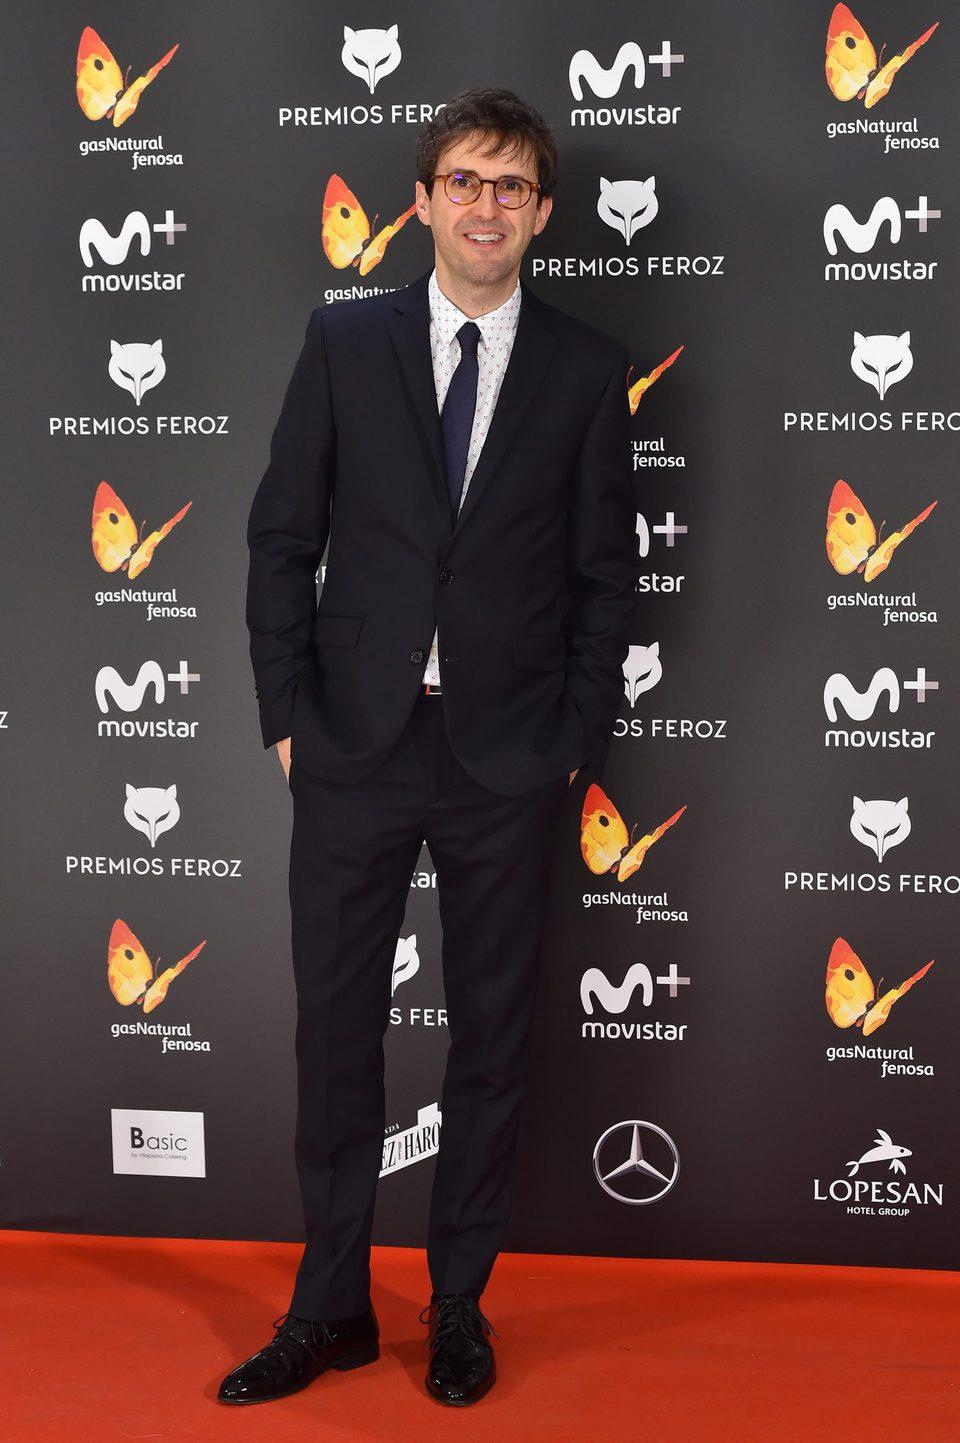 Julián López en la alfombra roja de los Premios Feroz 2017